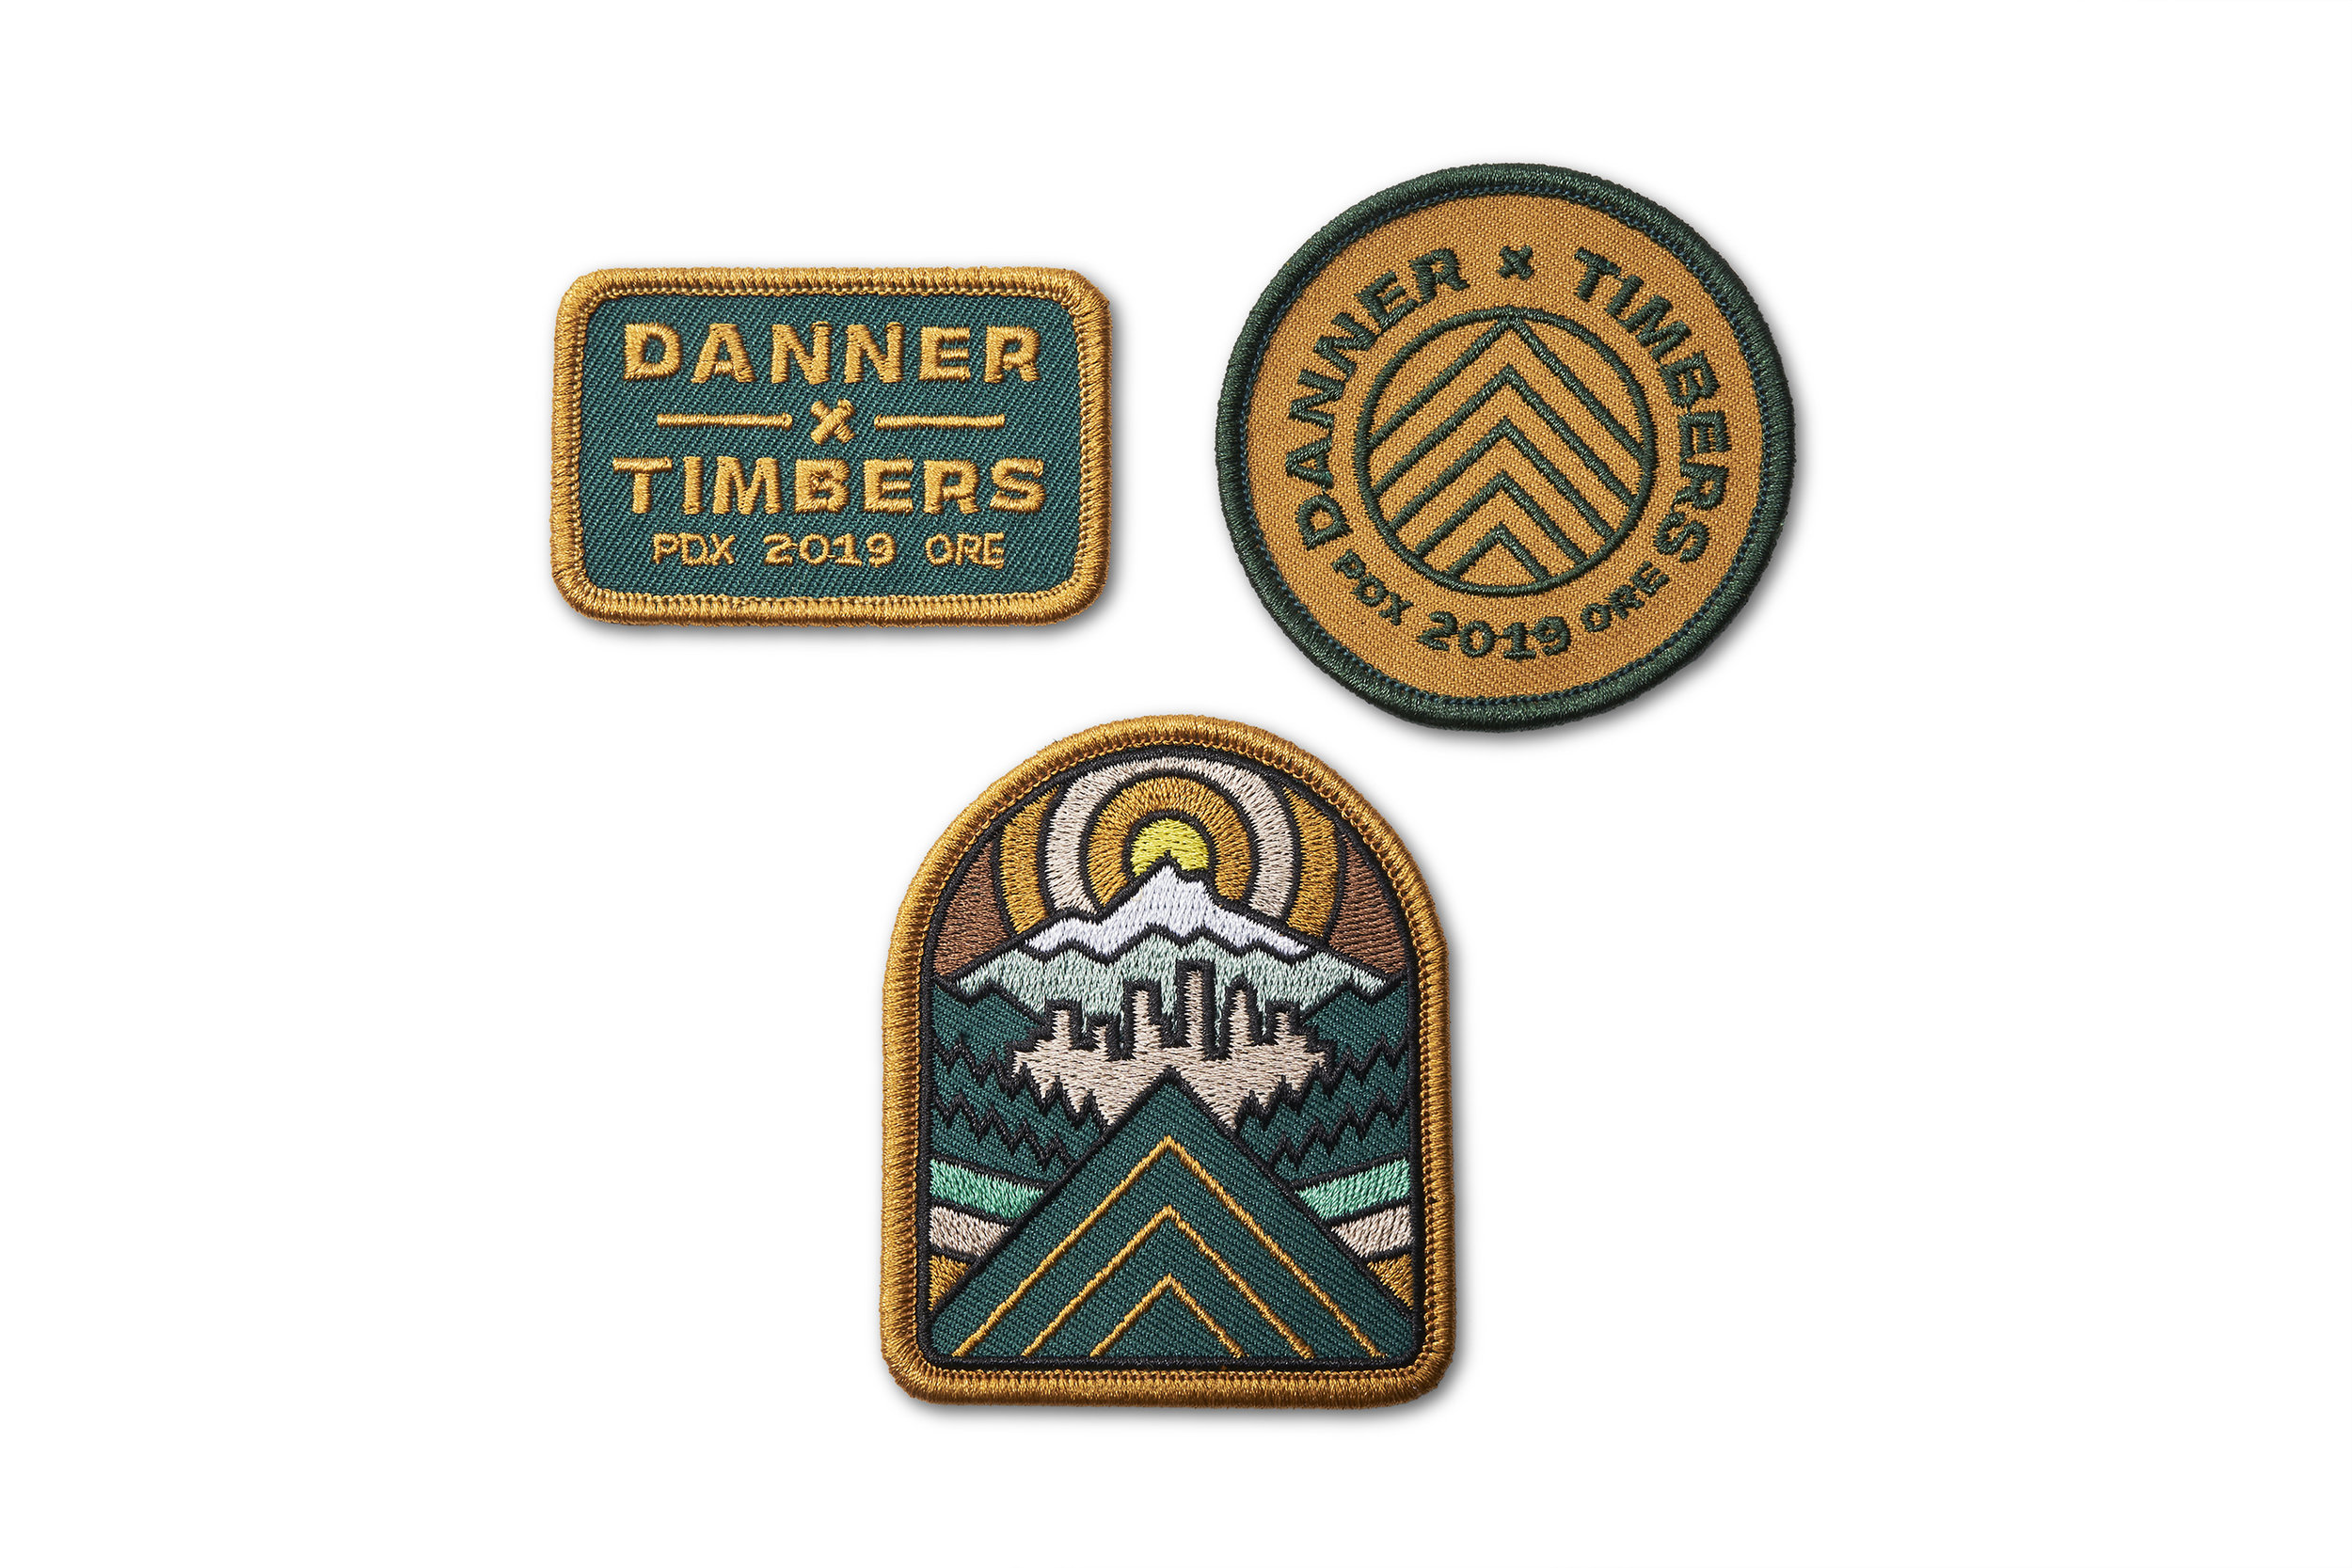 190729_Danner_TMBR4163_v1_current.jpg